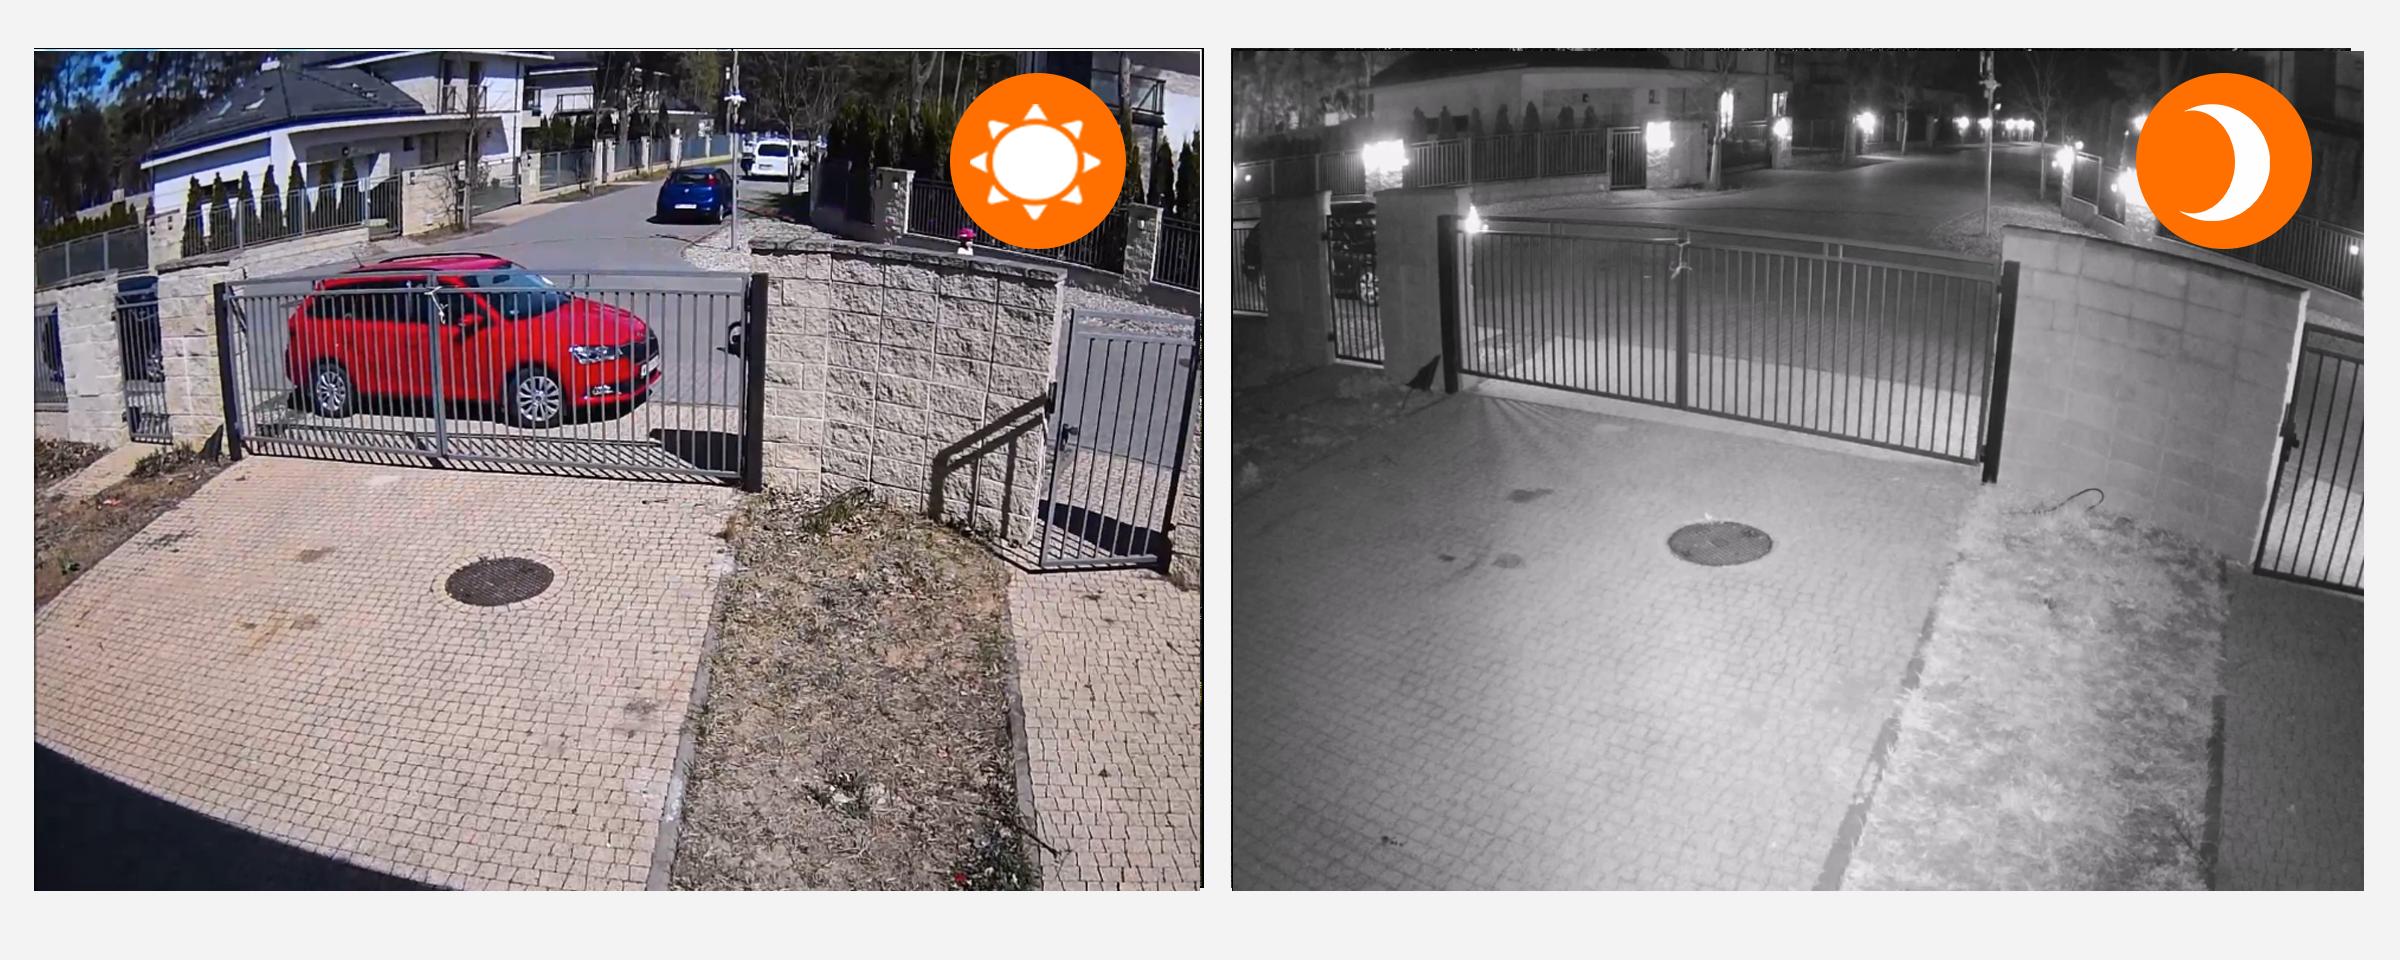 kamera zewnetrzna widok dzien noc podczerwien orllo.pl